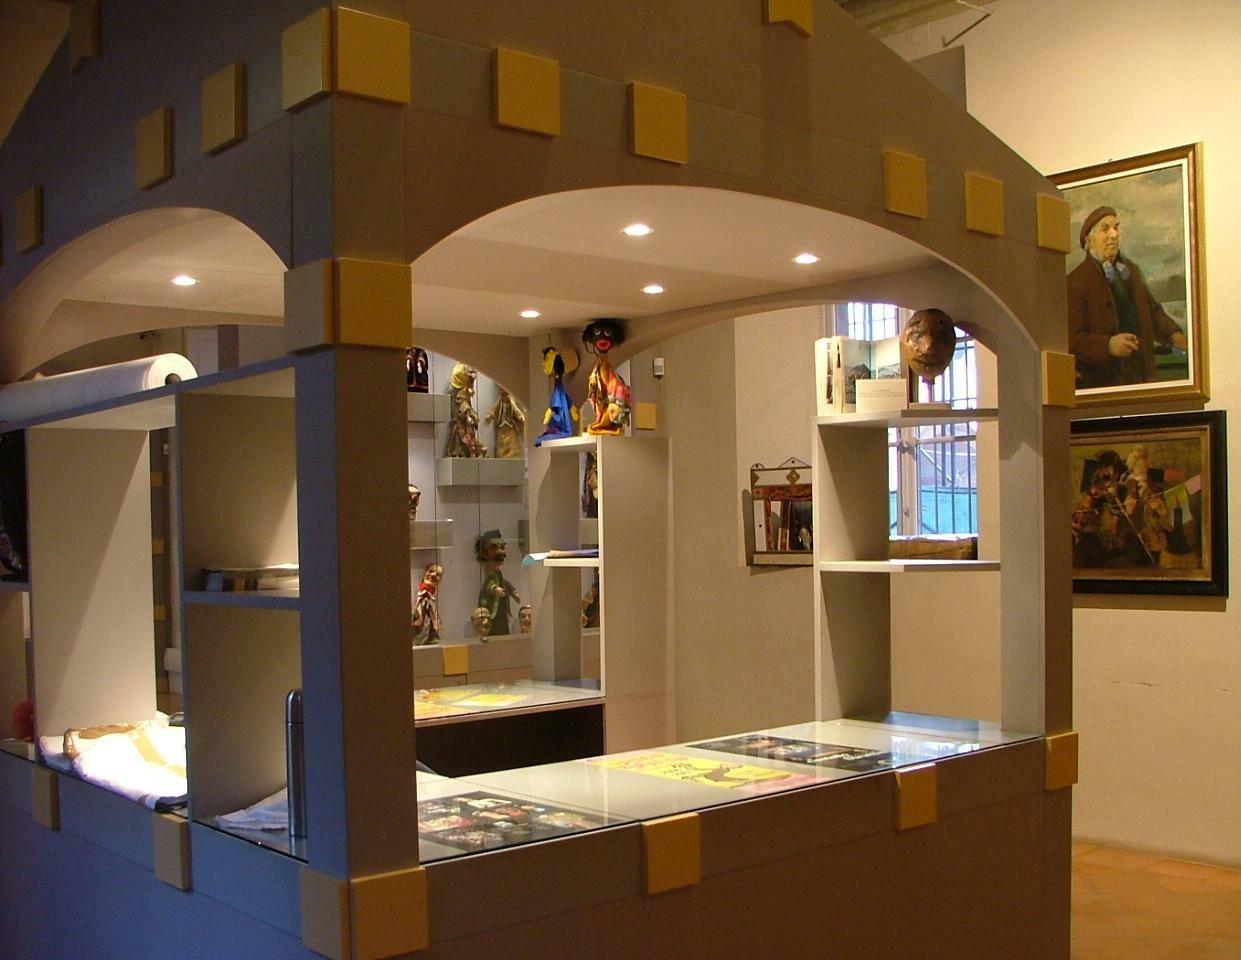 Visite guidate e attività didattiche per le famiglie nei Musei Civici